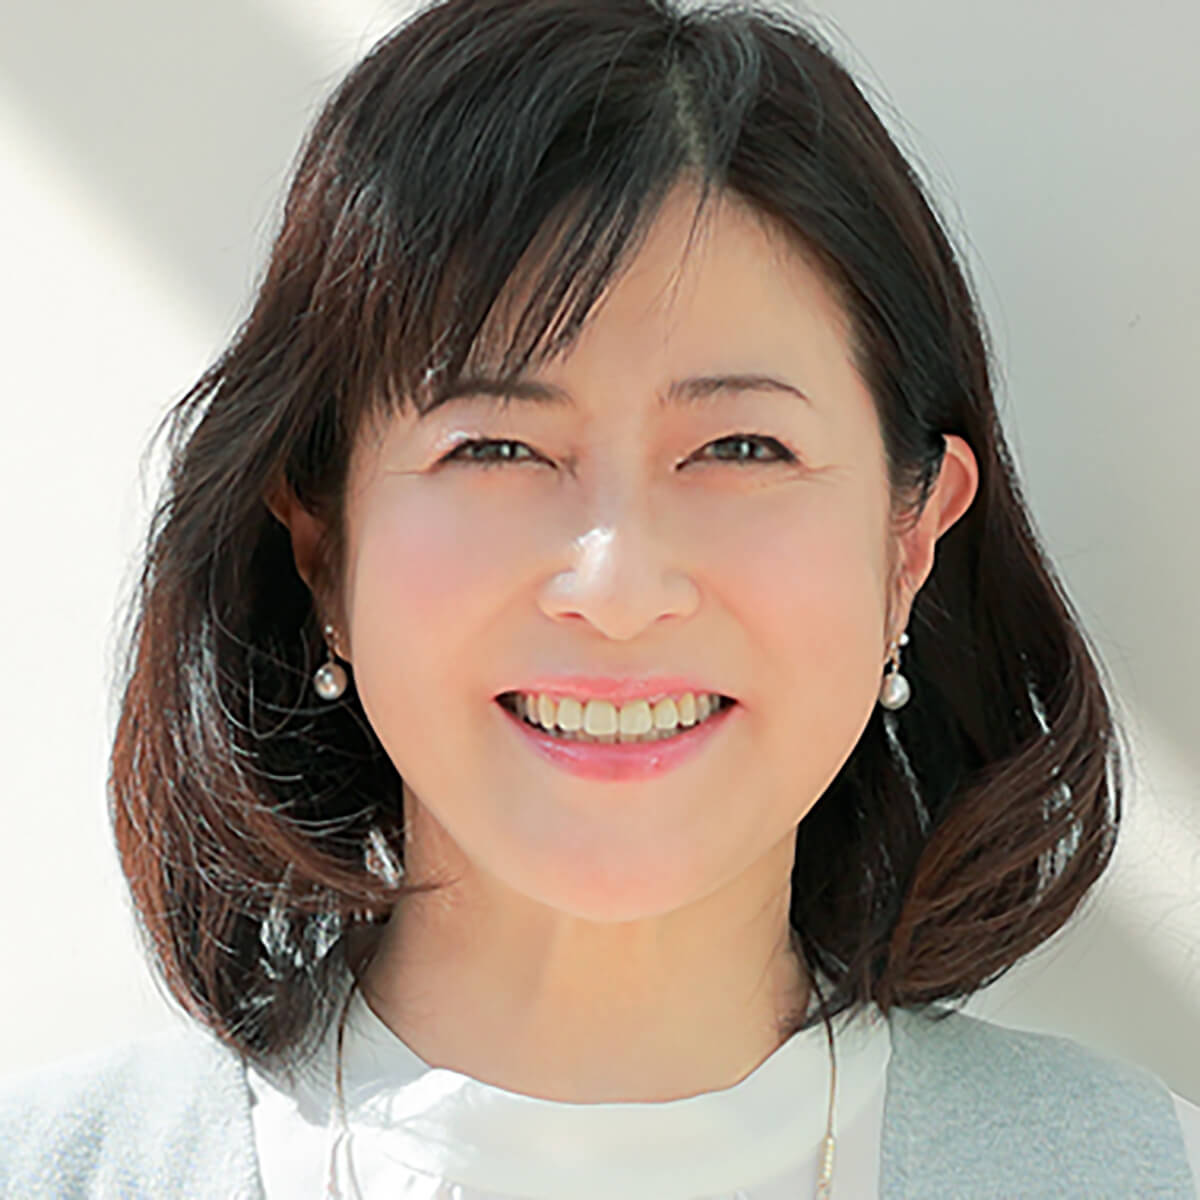 岡江 久美子|スタッフ・アップ グループ オフィシャル